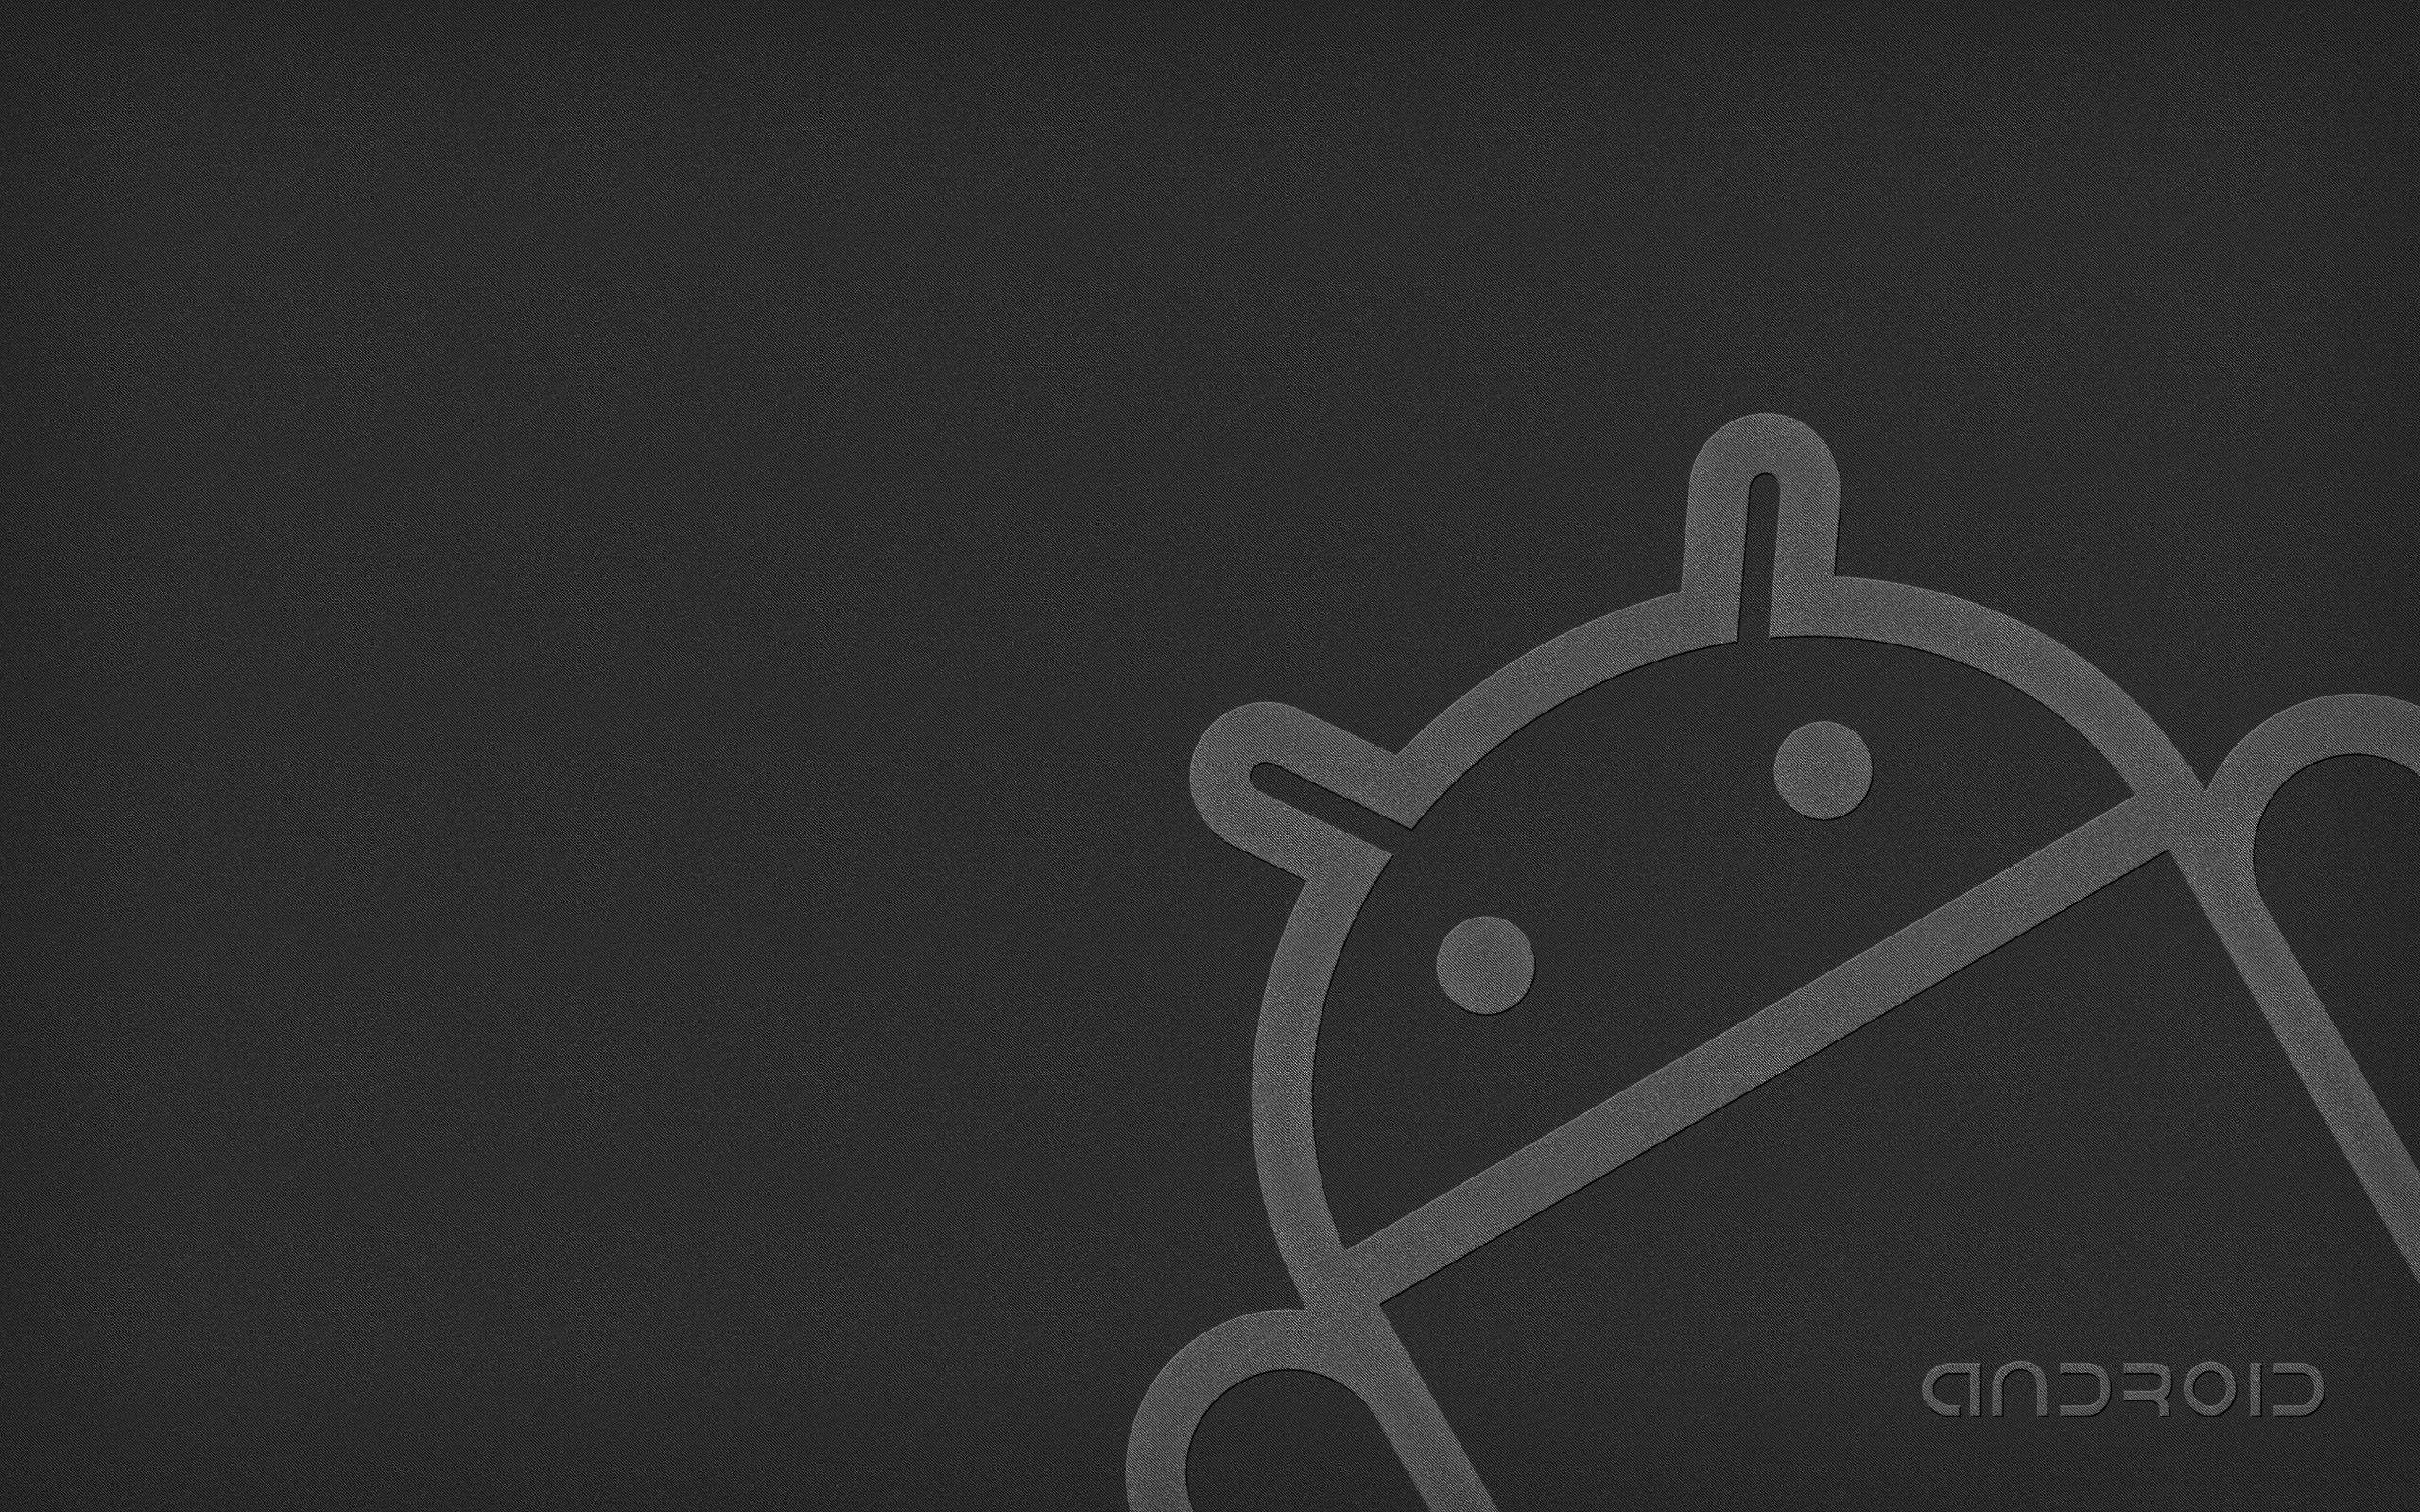 黒背景 アンドロイドロゴロボットデスクトップ壁紙プレビュー 10wallpaper Com